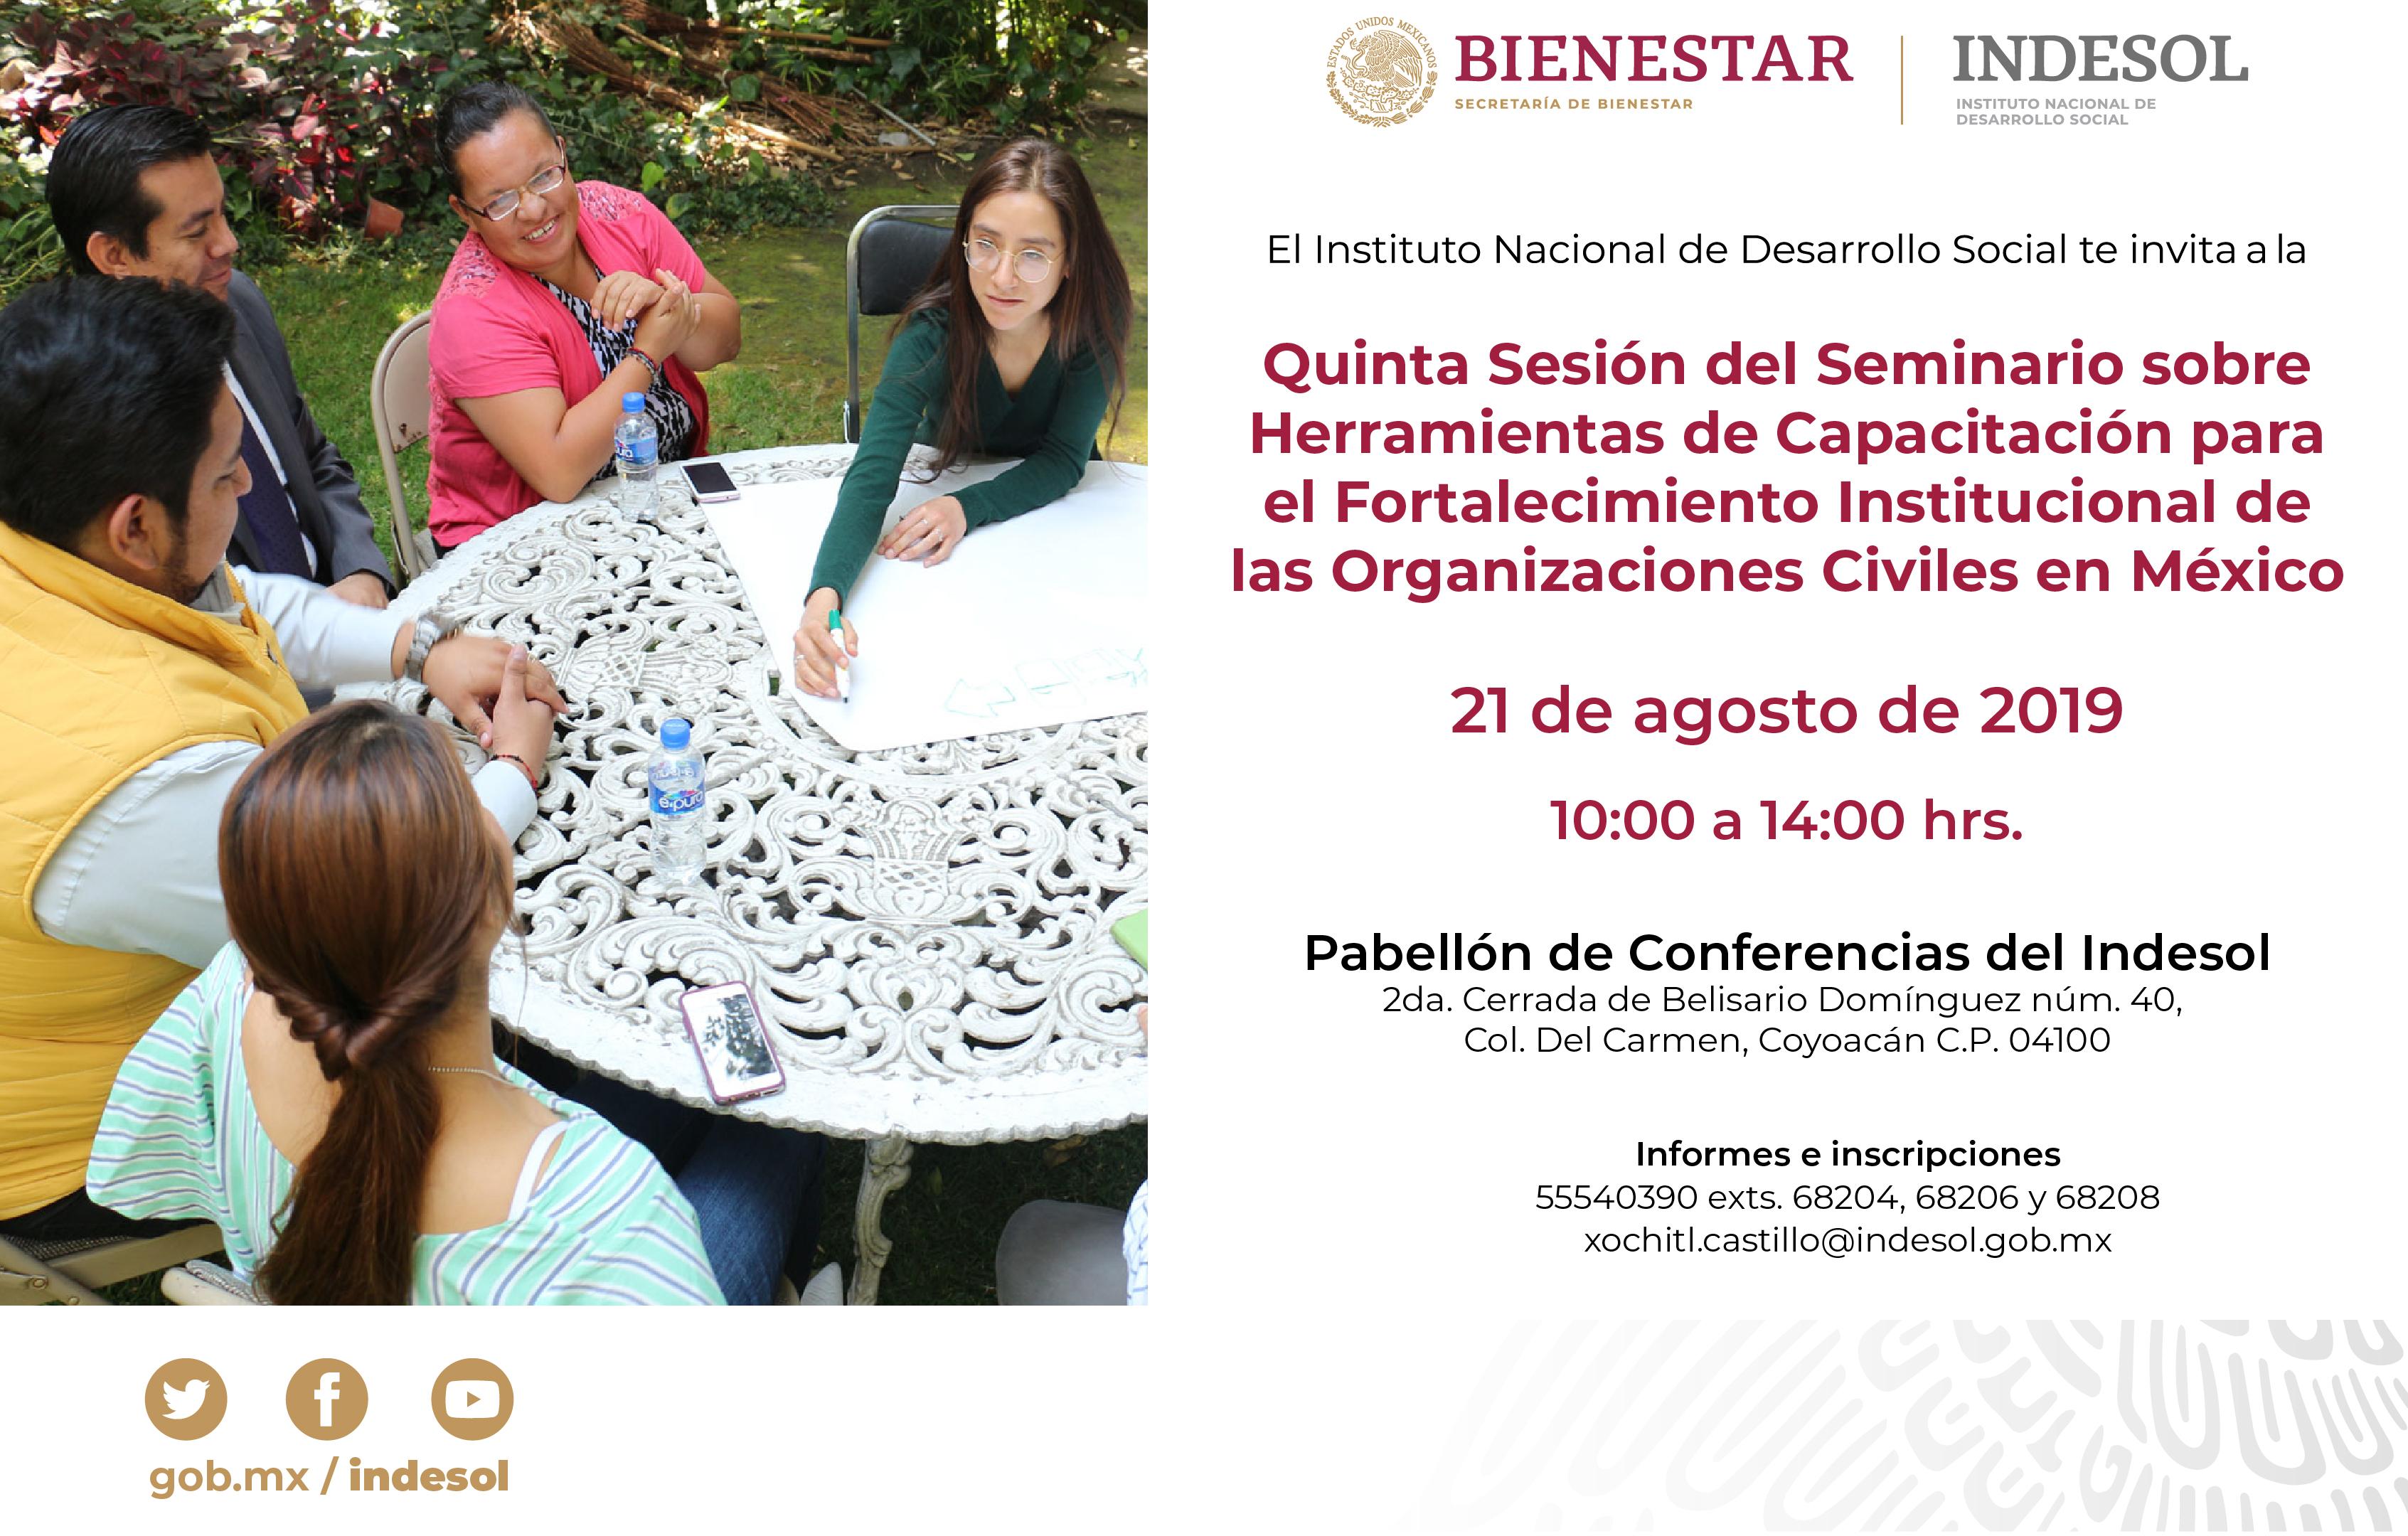 Invitación a la quinta sesión del seminario sobre herramientas de capacitación para el fortalecimiento institucional de las organizaciones civiles en México